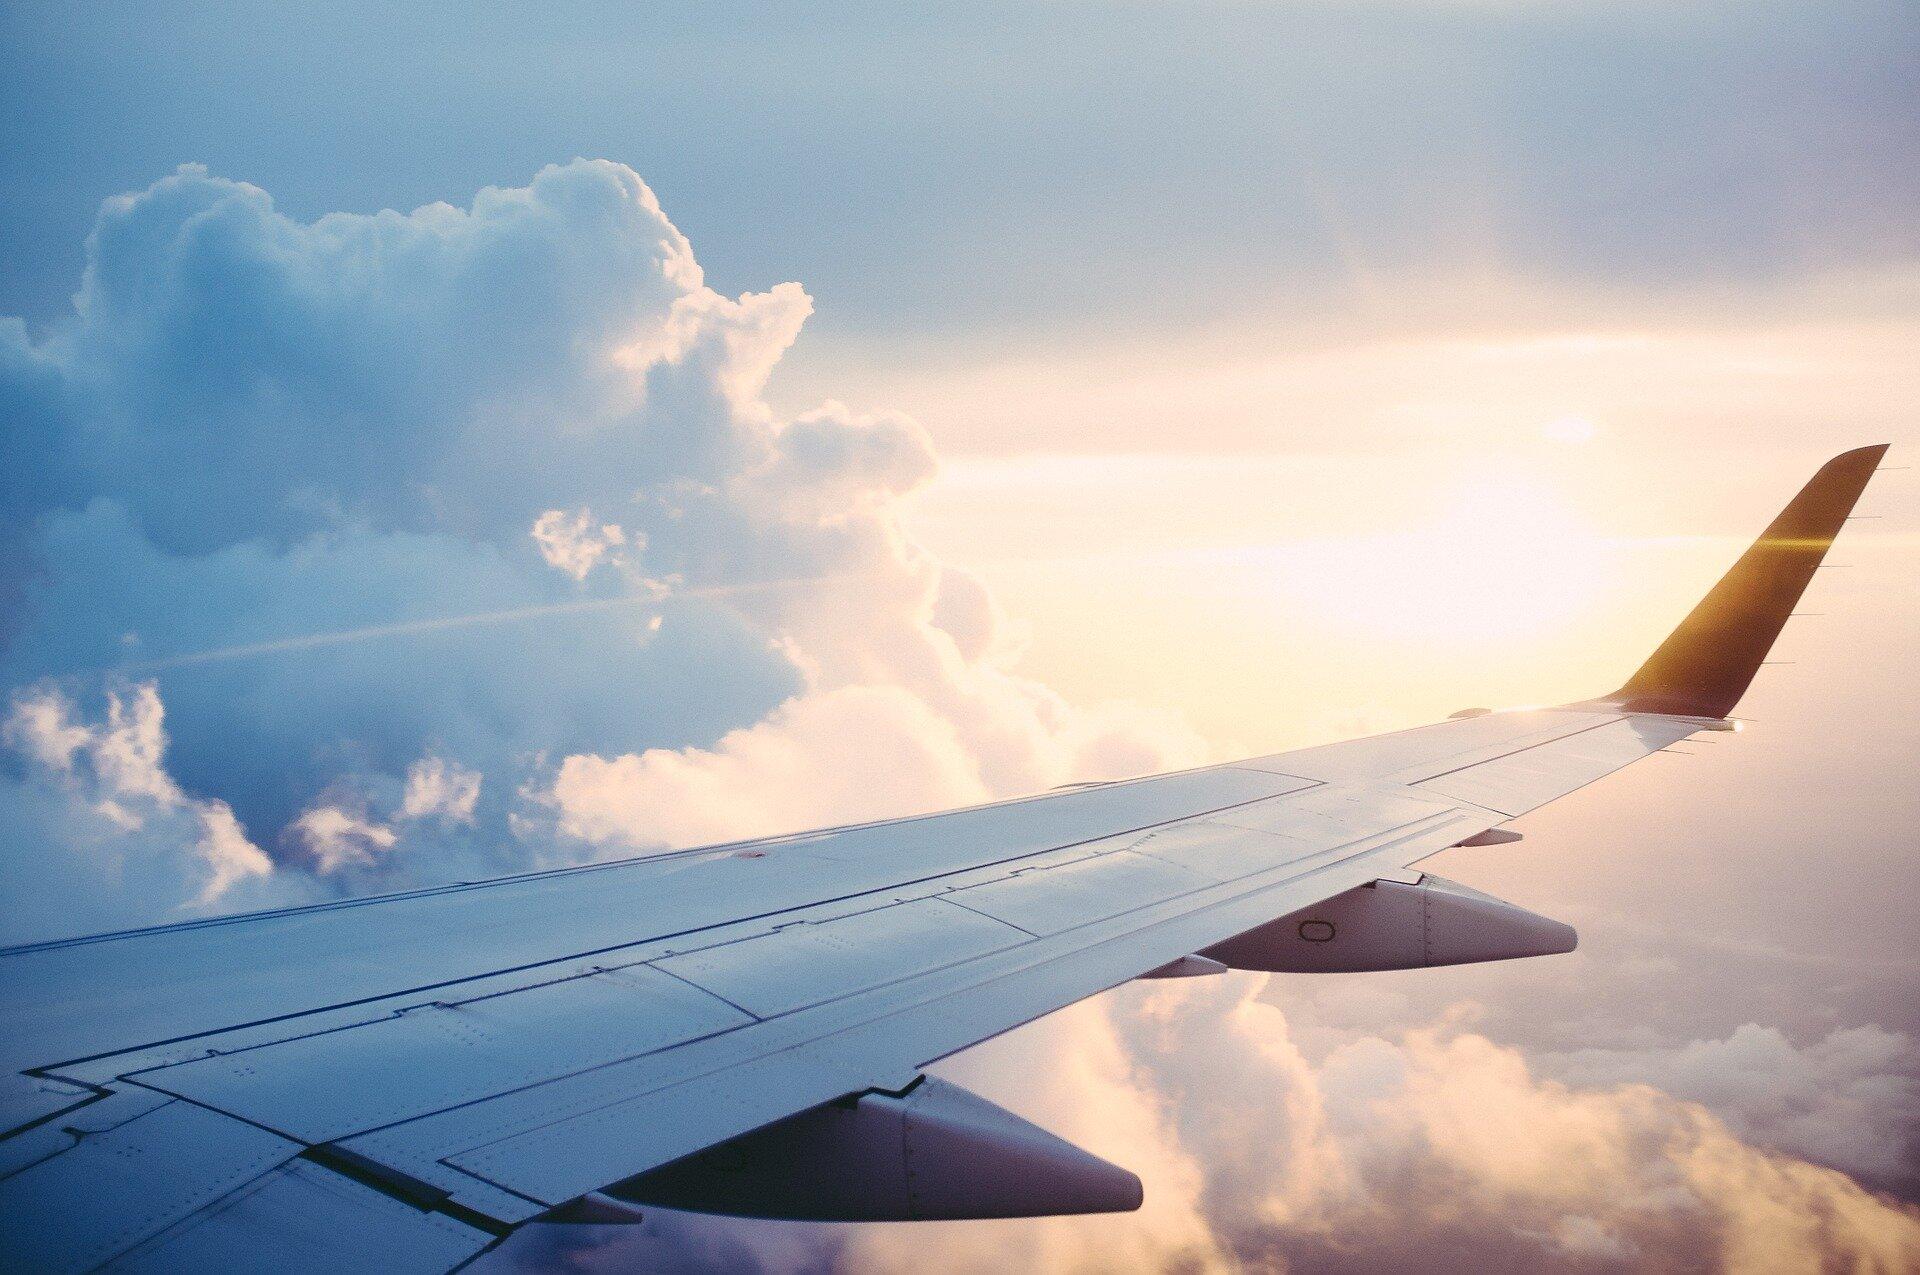 Sollten Sie Fliegen noch? Ein Epidemiologe und eine Belichtung aus, die Wissenschaftler gehen Sie durch den Entscheidungsprozess